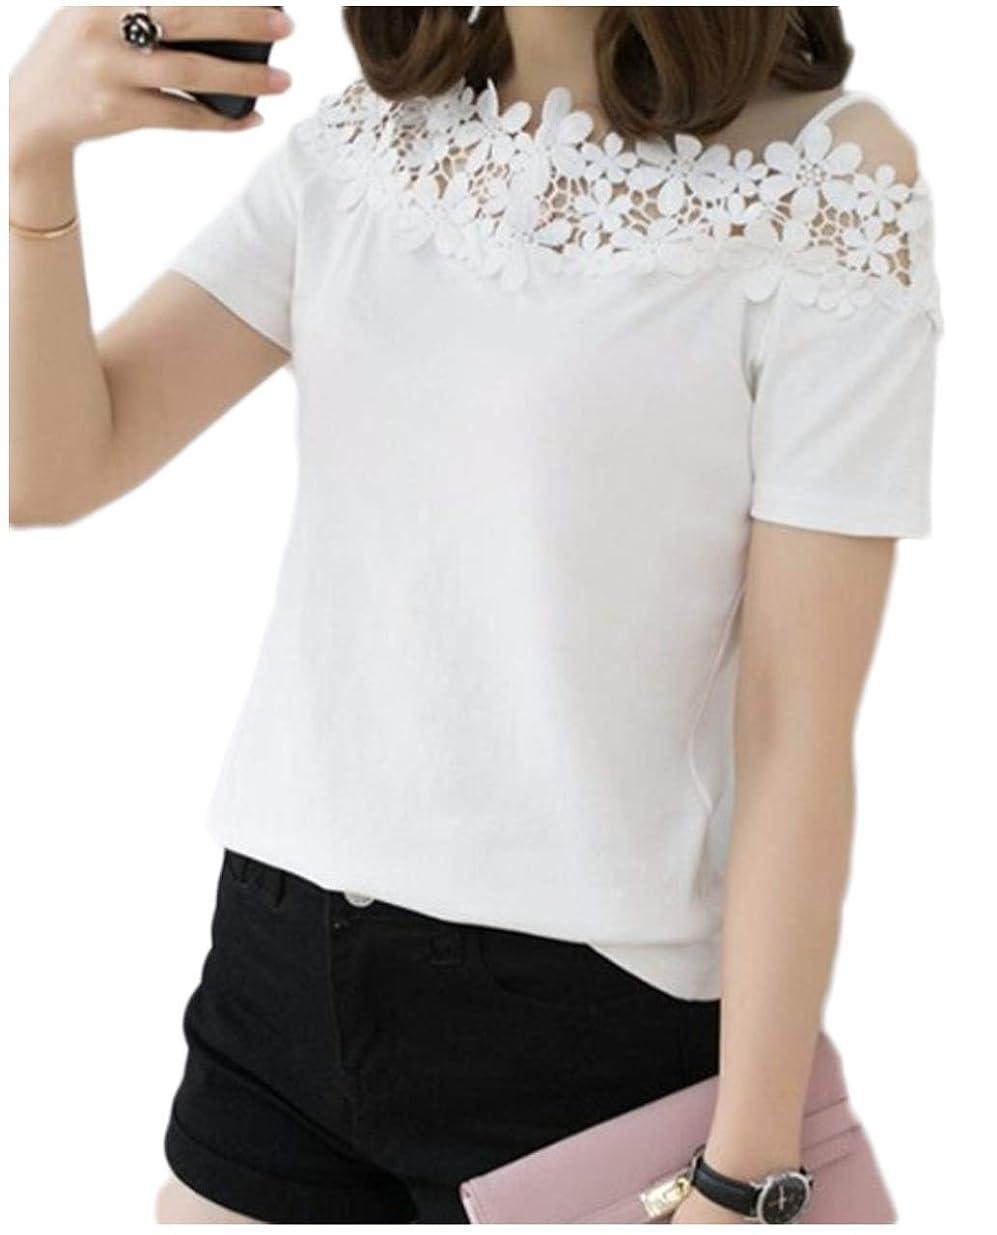 怒って接尾辞葬儀[フェイミー] オフショル Tシャツ 半袖 花柄 レース レディース M ~ XL